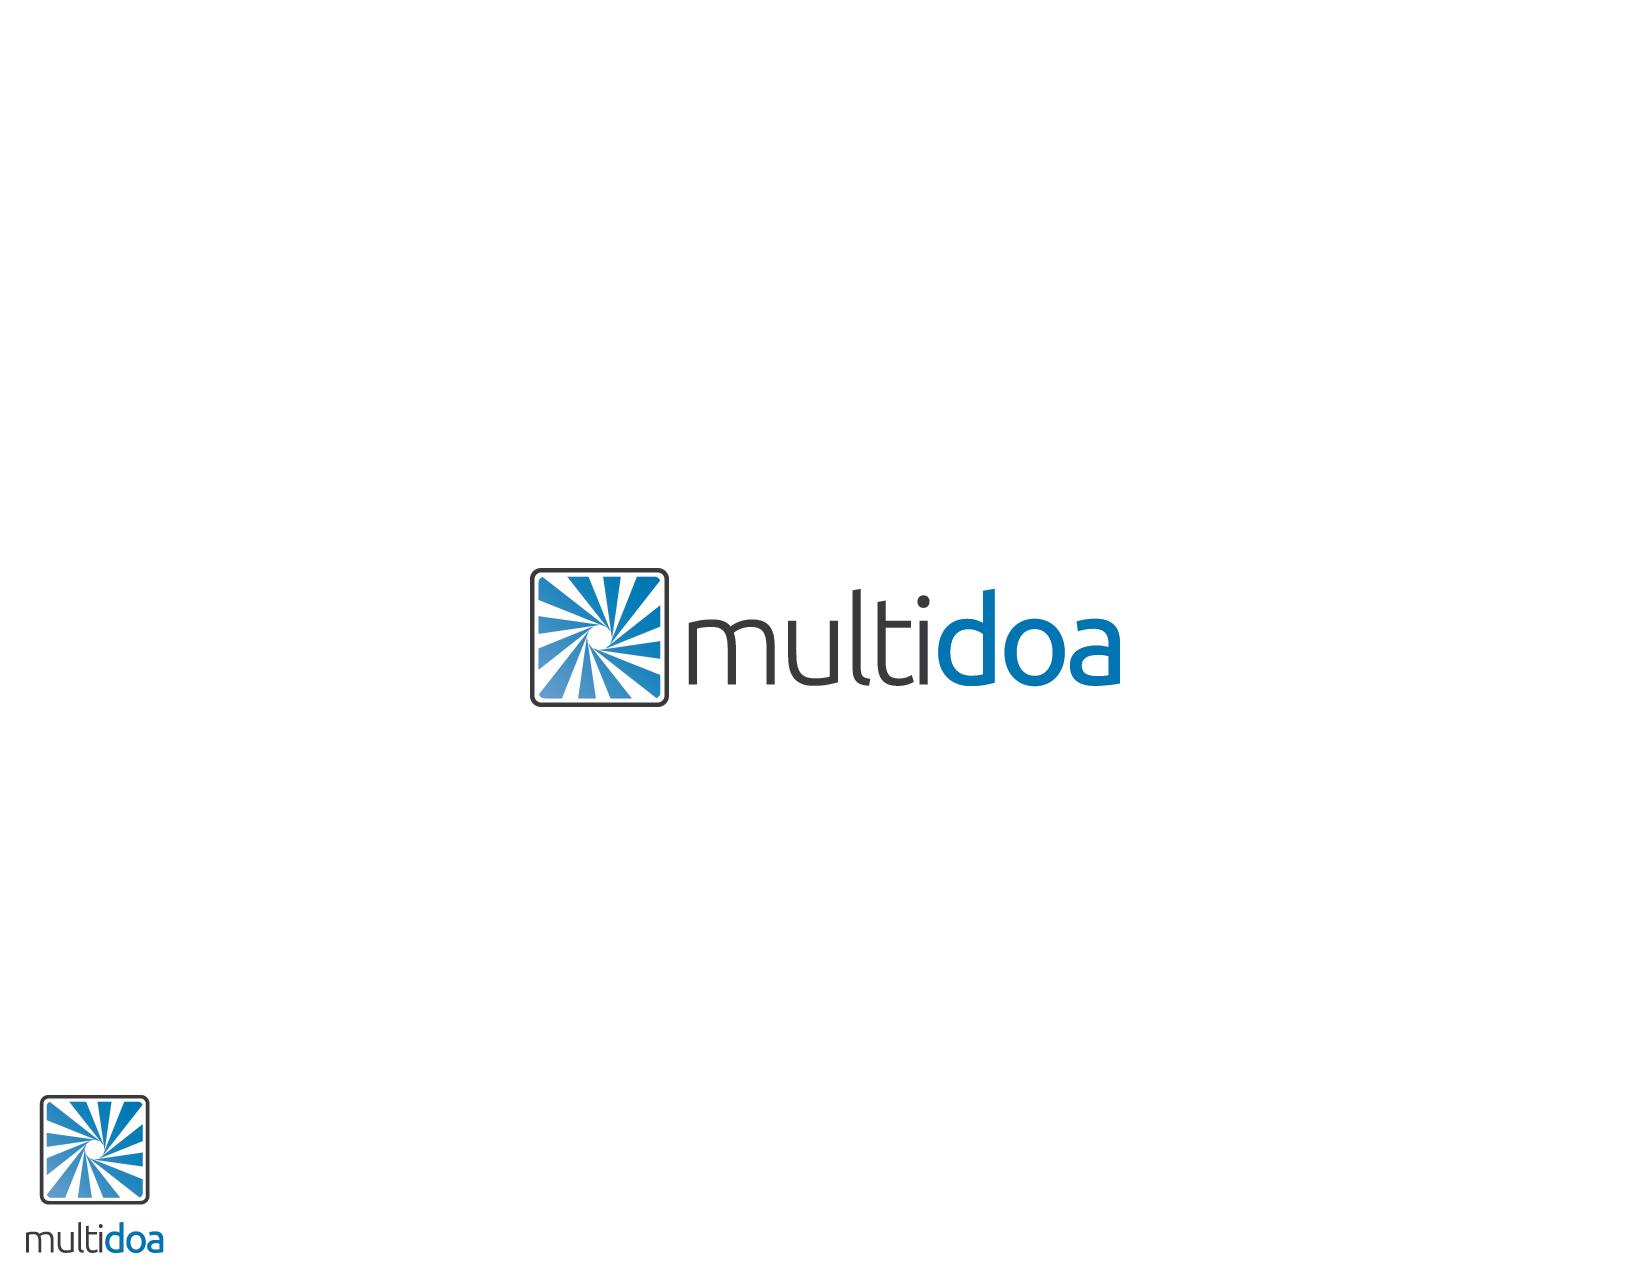 New logo  for MultiDoa! Help us change the world.